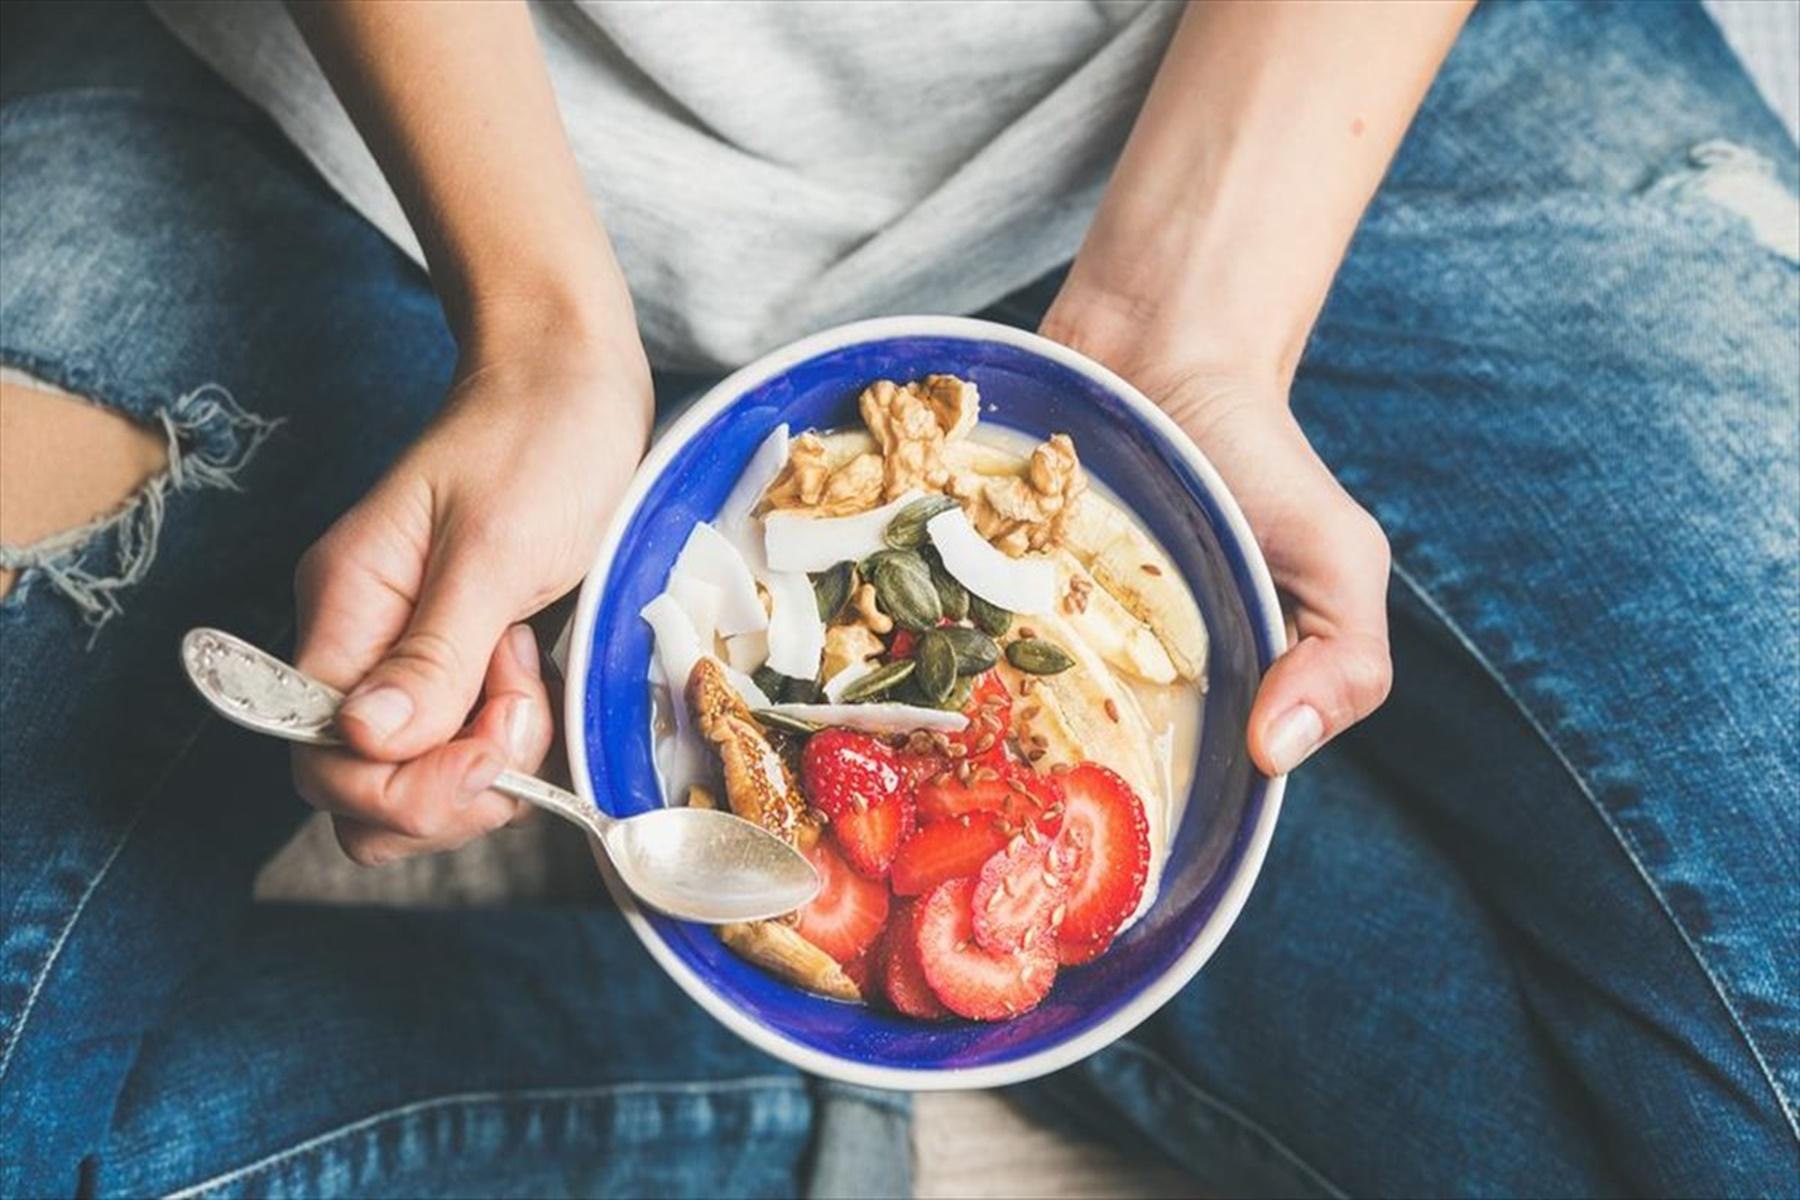 Ινομυαλγία Διατροφή: Πώς μπορεί να σας βοηθήσει μια θρεπτική δίαιτα